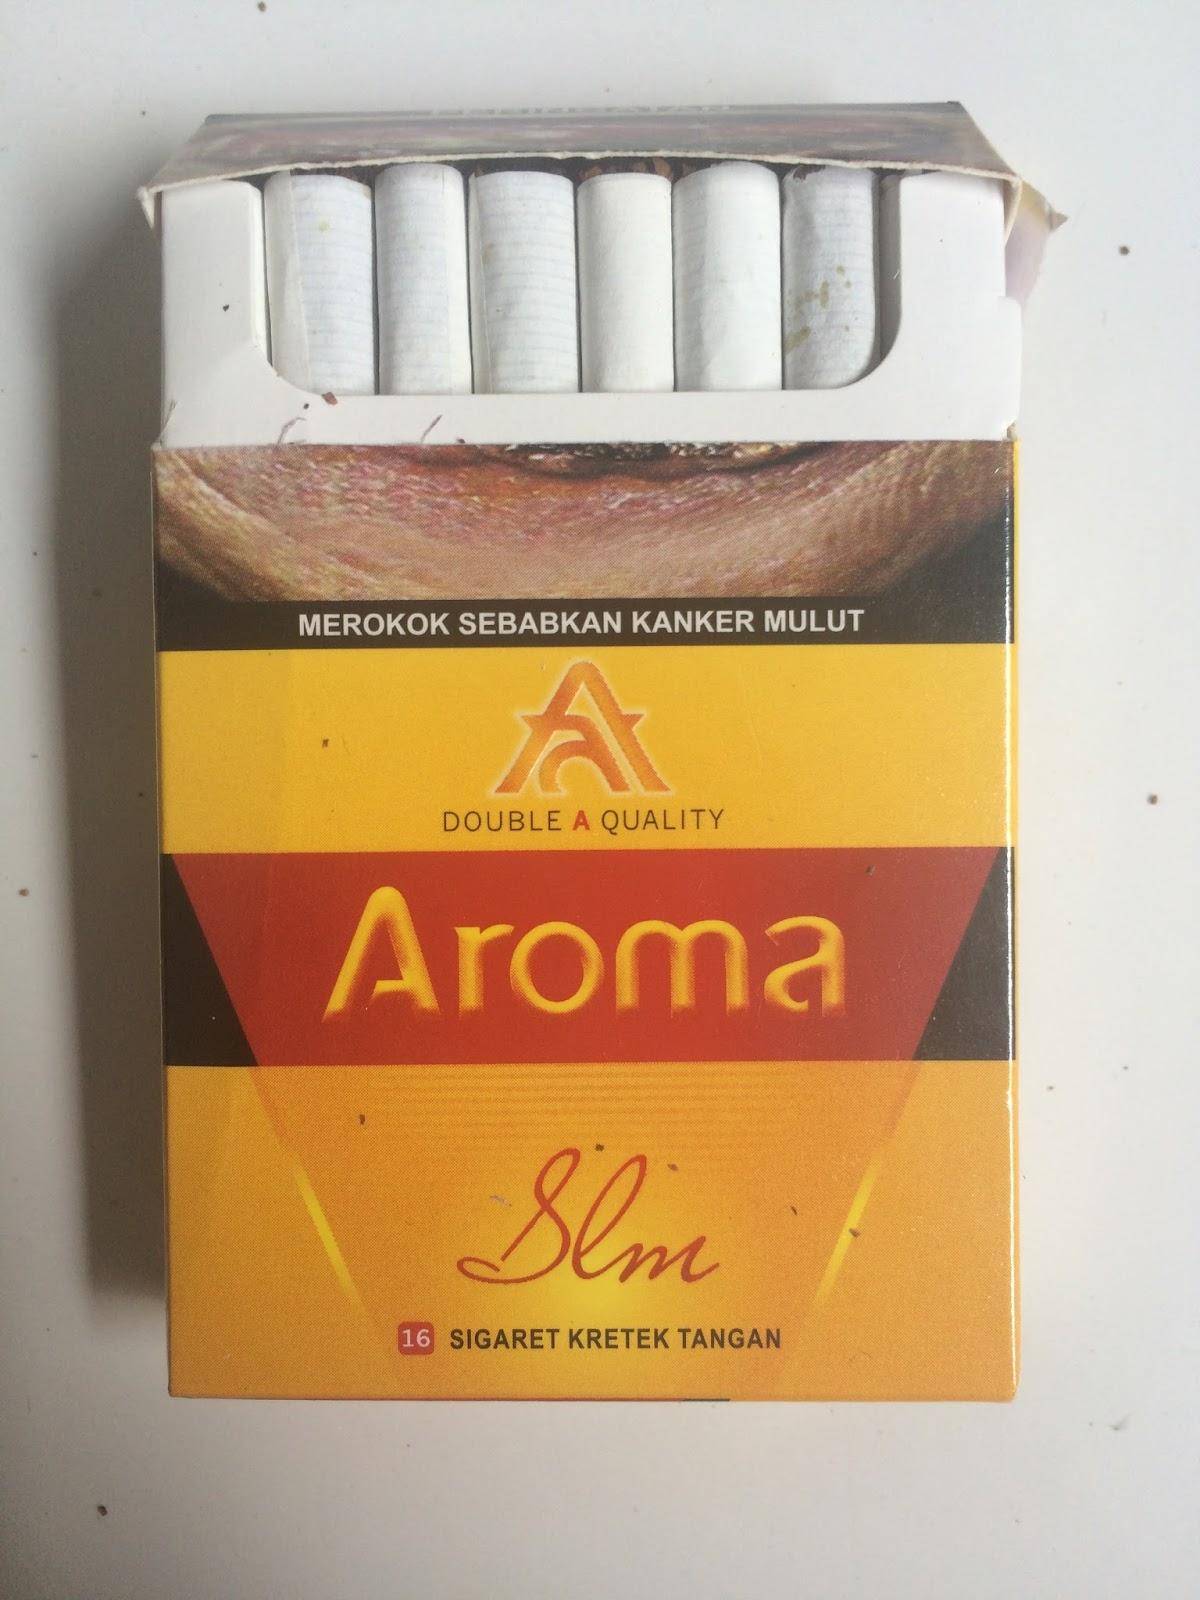 Aroma Slm Slim Rokok Sigaret Kretek Tangan Dengan Diameter Yang Dji Sam Soe Isi 12 1slop Kemasan Ini Menggunakan Model Flip Top Case Solid Layaknya Skt Modern Berbeda Tradisional Masih